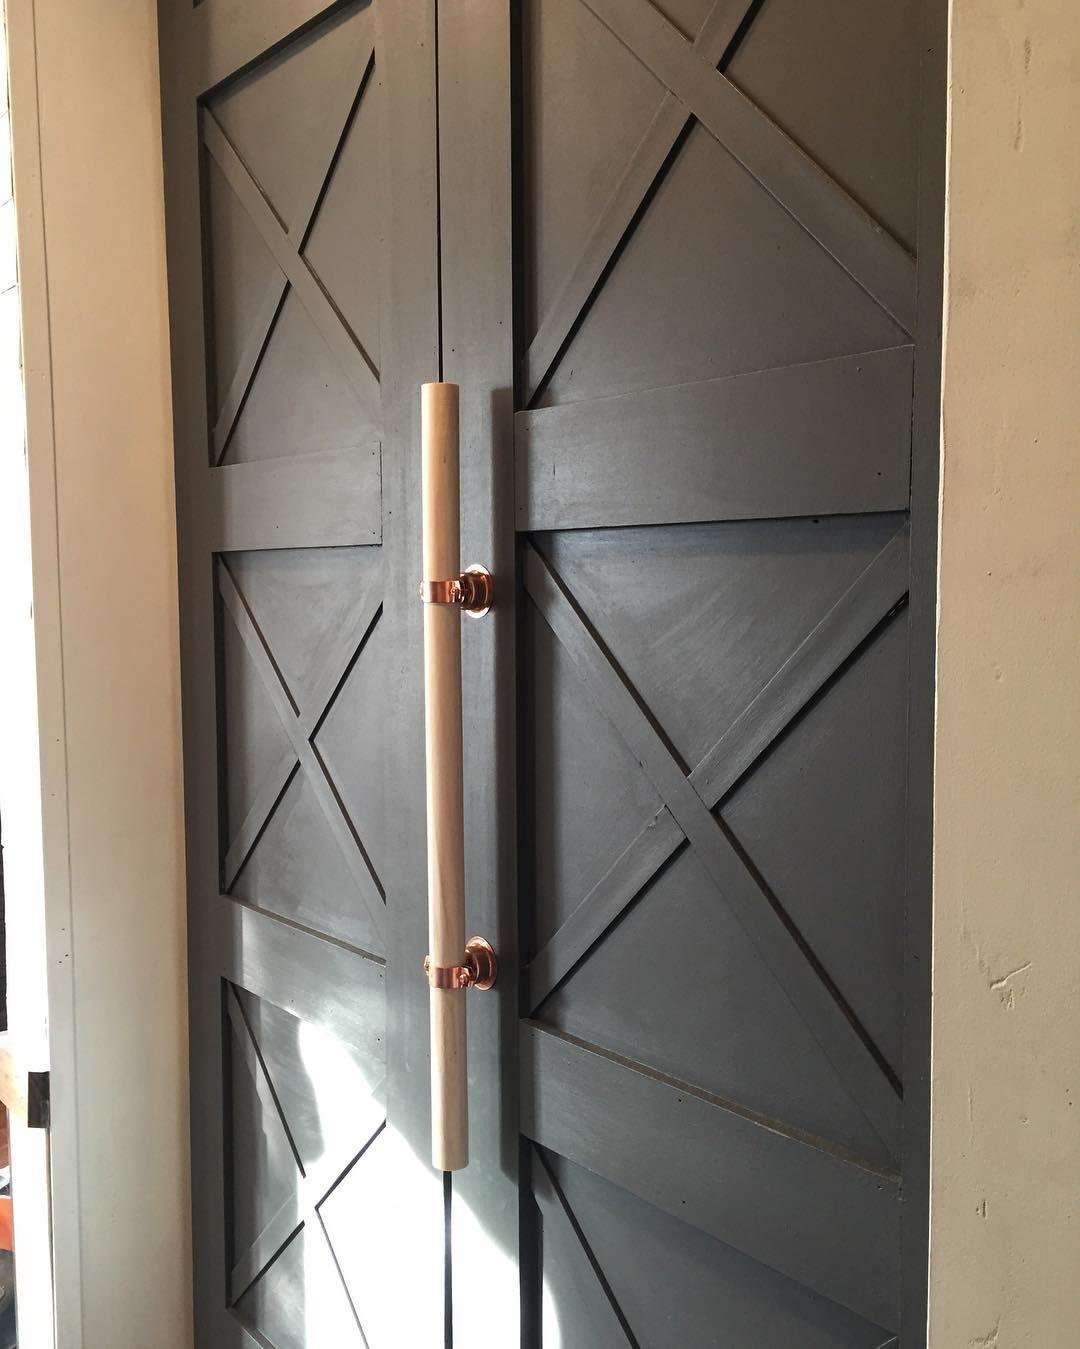 Bryan Catherine On Instagram Wooden Dowel Copper Bell Hanger Fancy 4 Hardware In 2020 Door Handles Interior Hardware Hanger